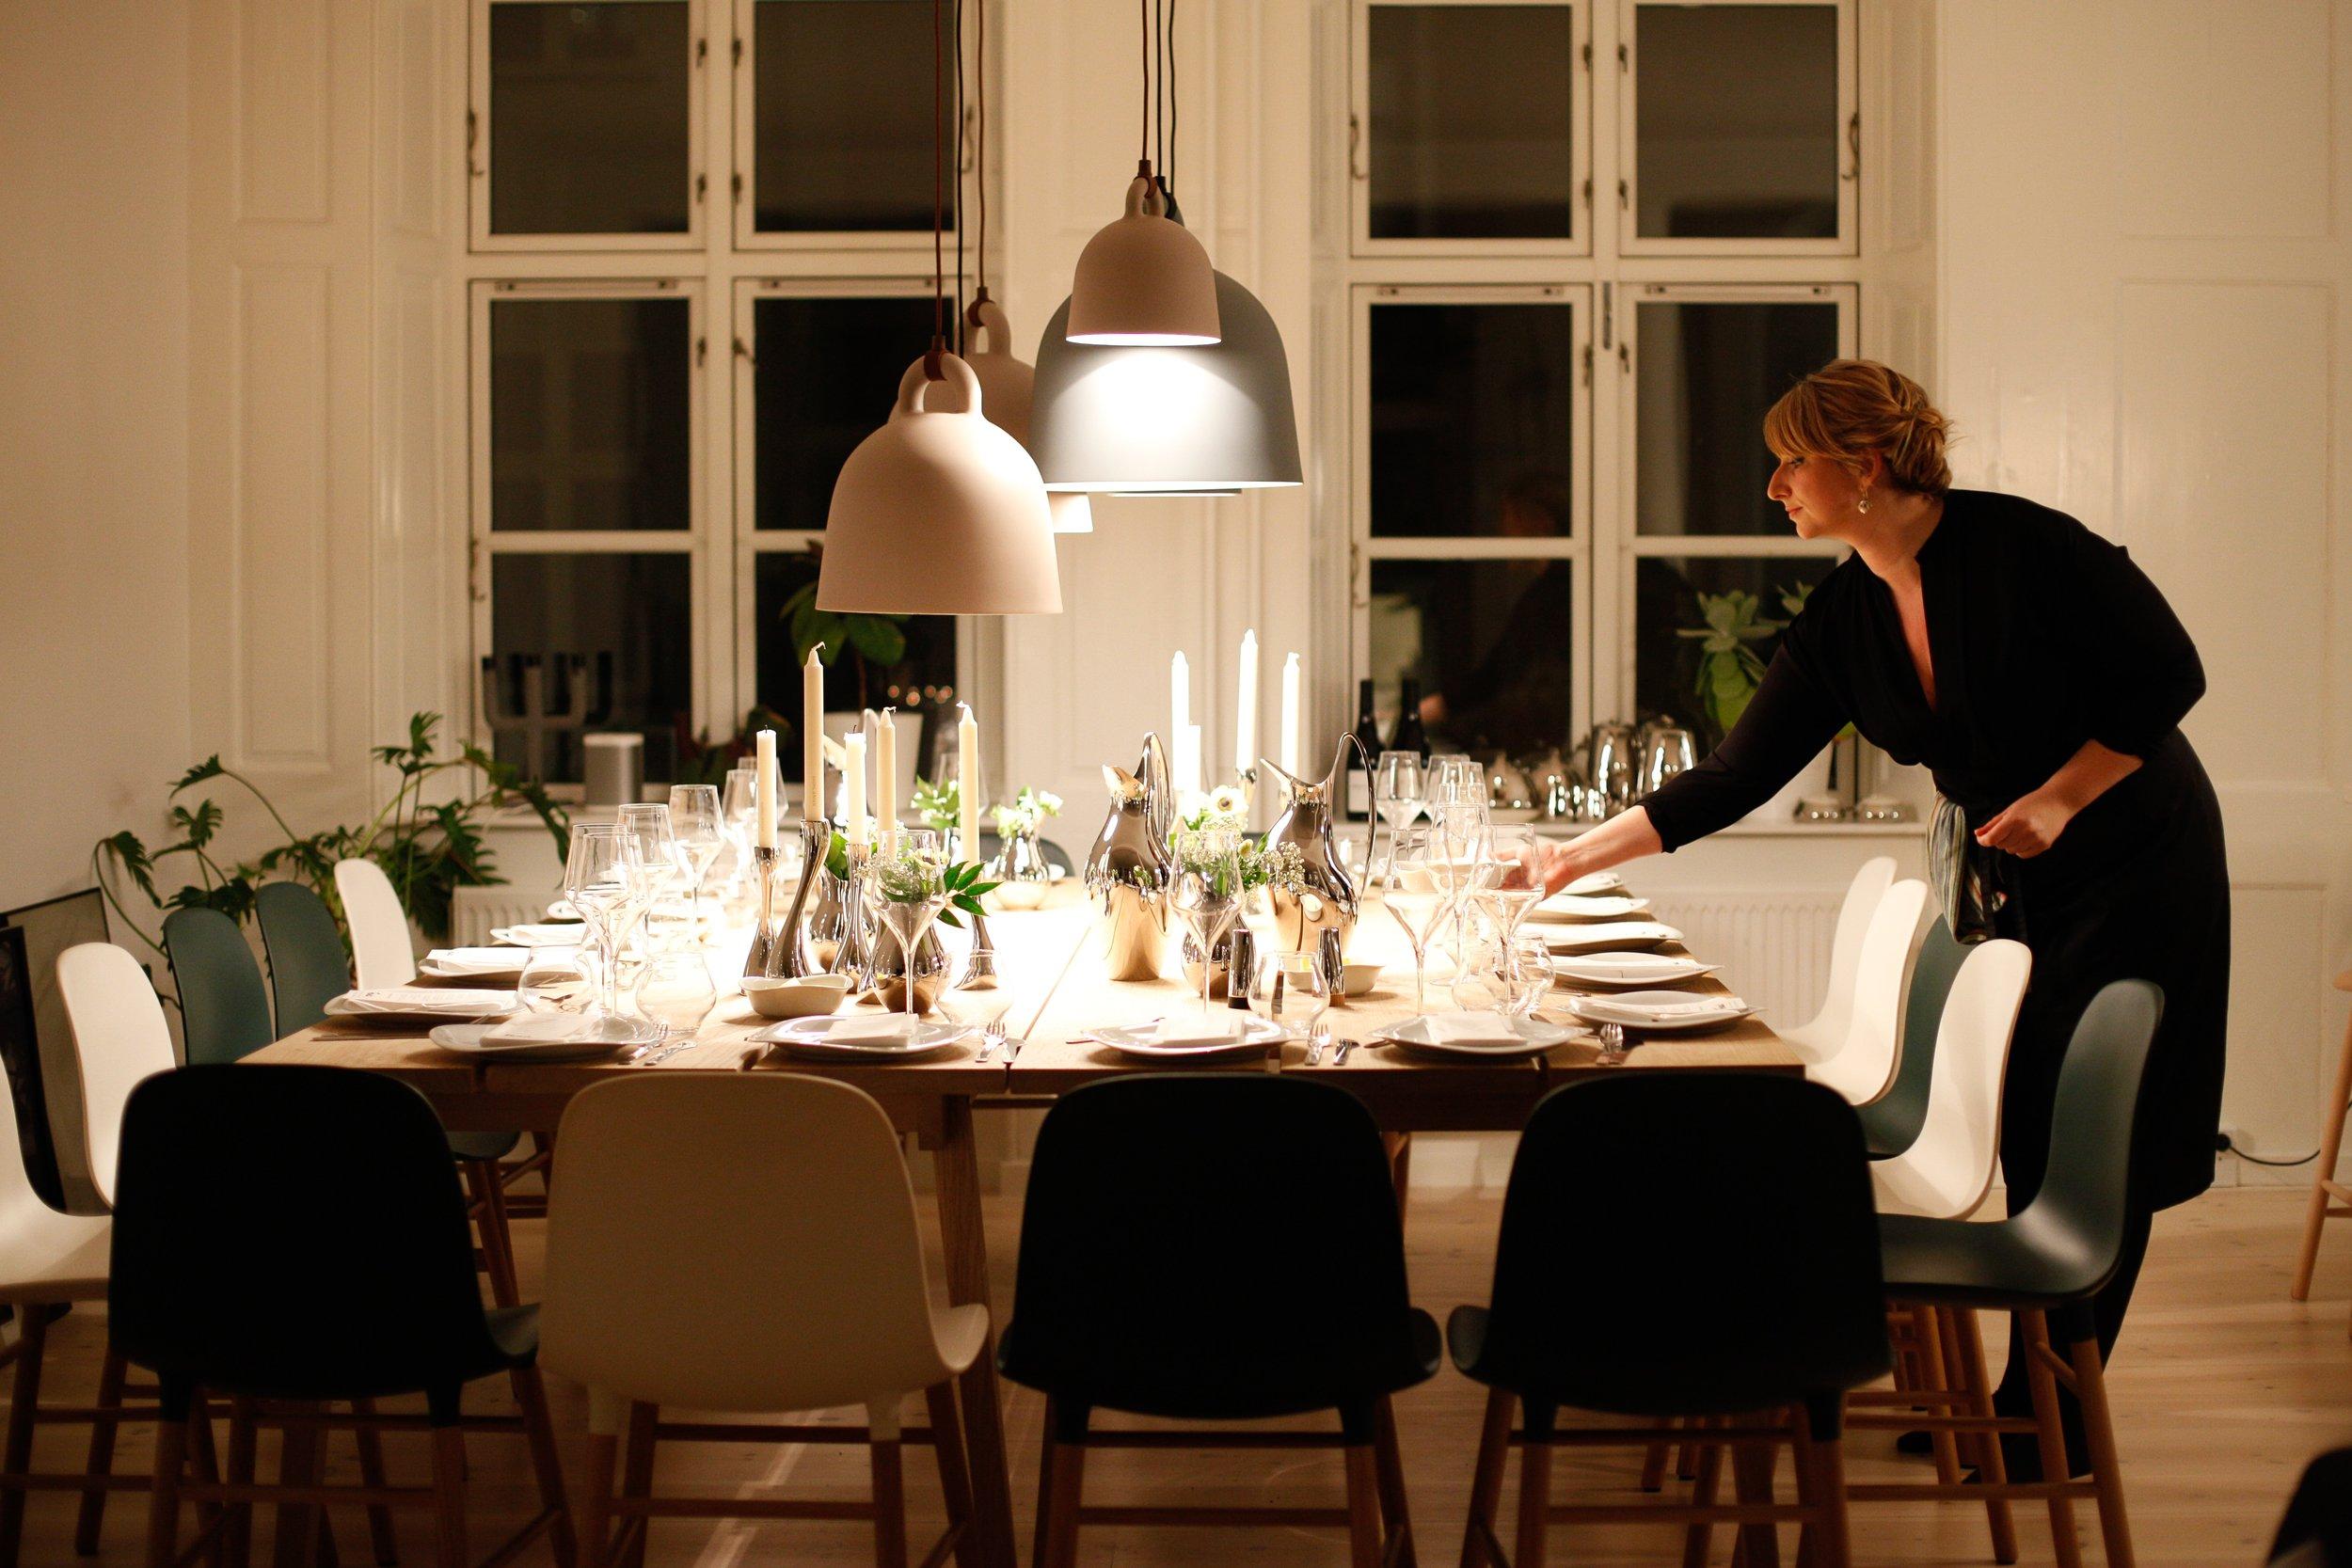 Repas d'affaires… - En toute discrétion, nous organisons vos repas d'affaires dans des lieux authentiques, pour des moments privilégiés avec vos clients.